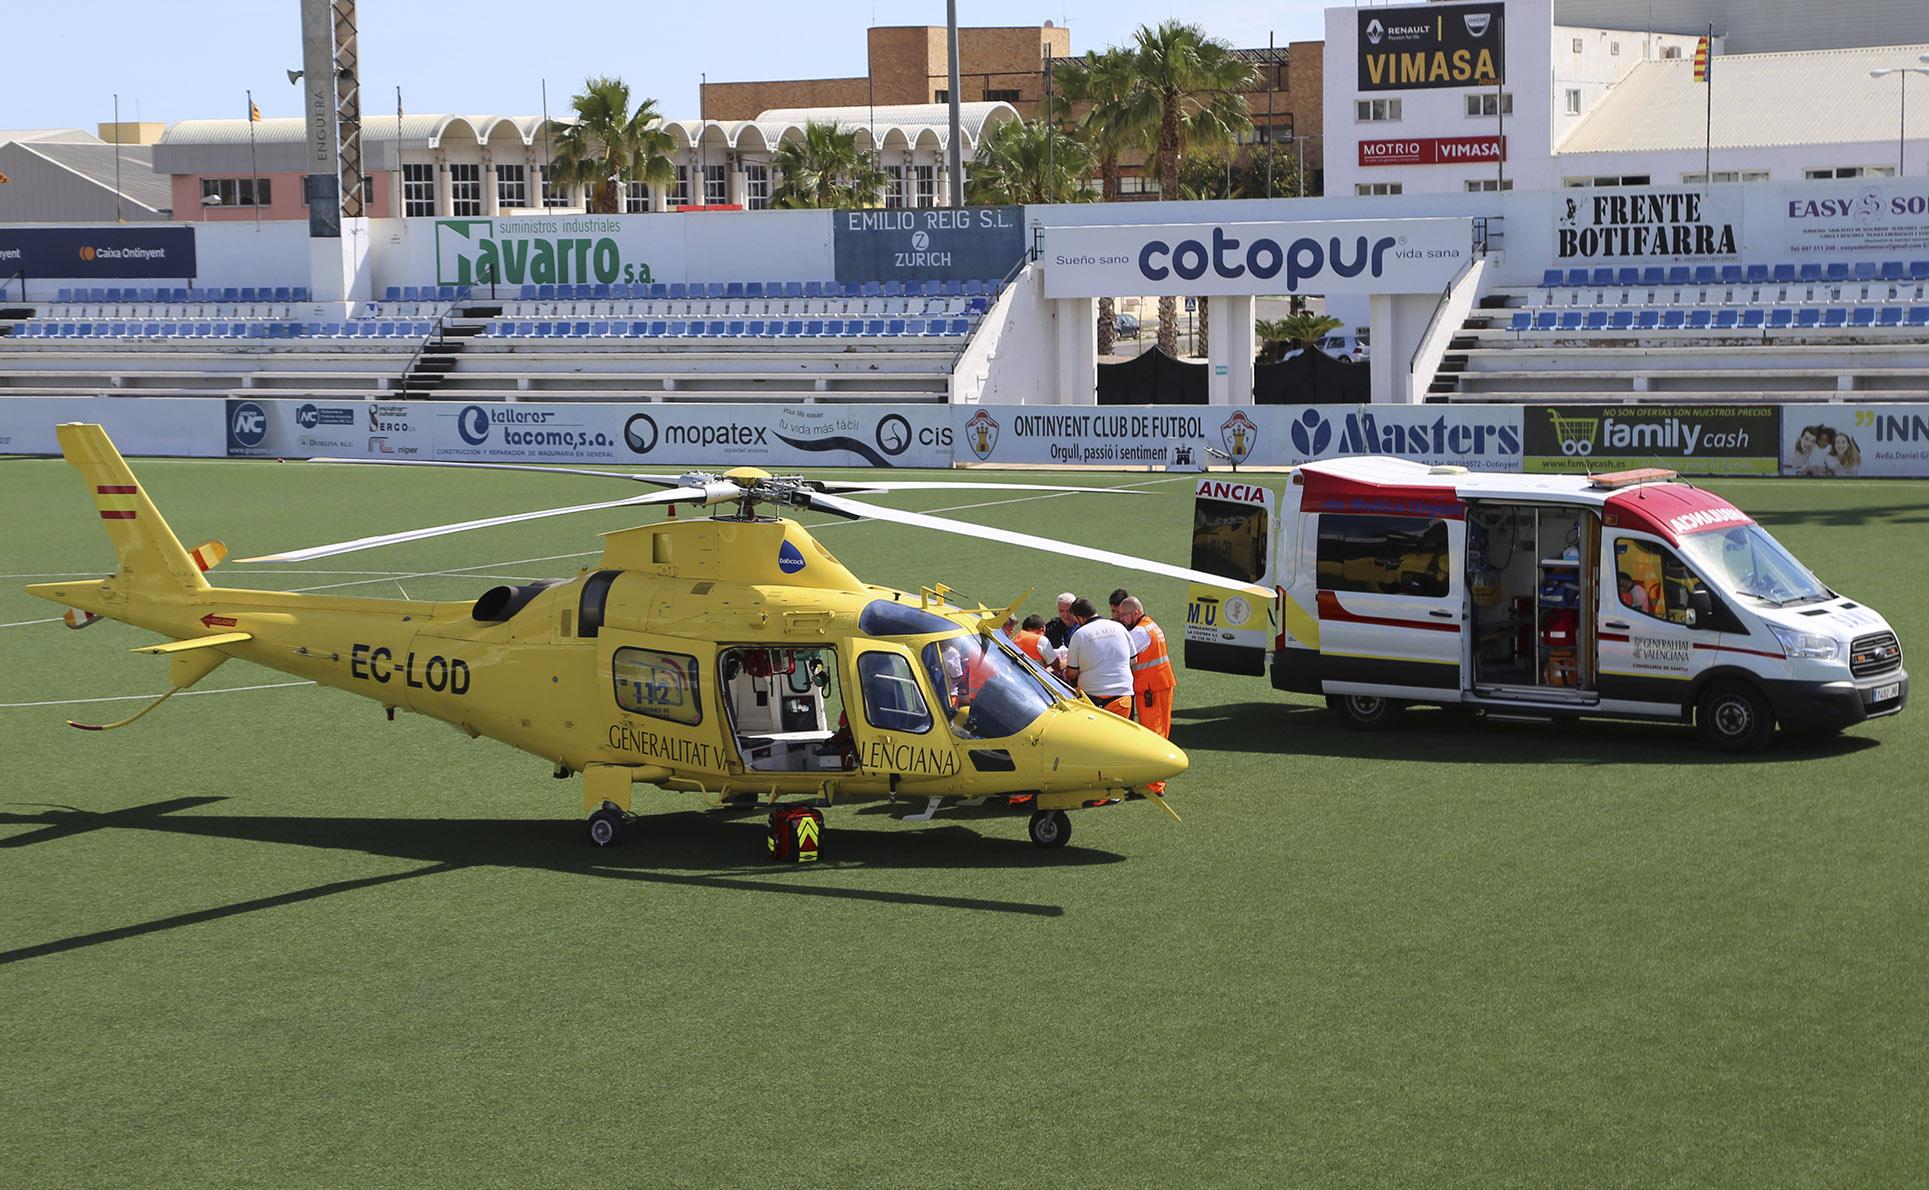 Traslladen d'urgència en helicòpter a un home accidentat El Periòdic d'Ontinyent